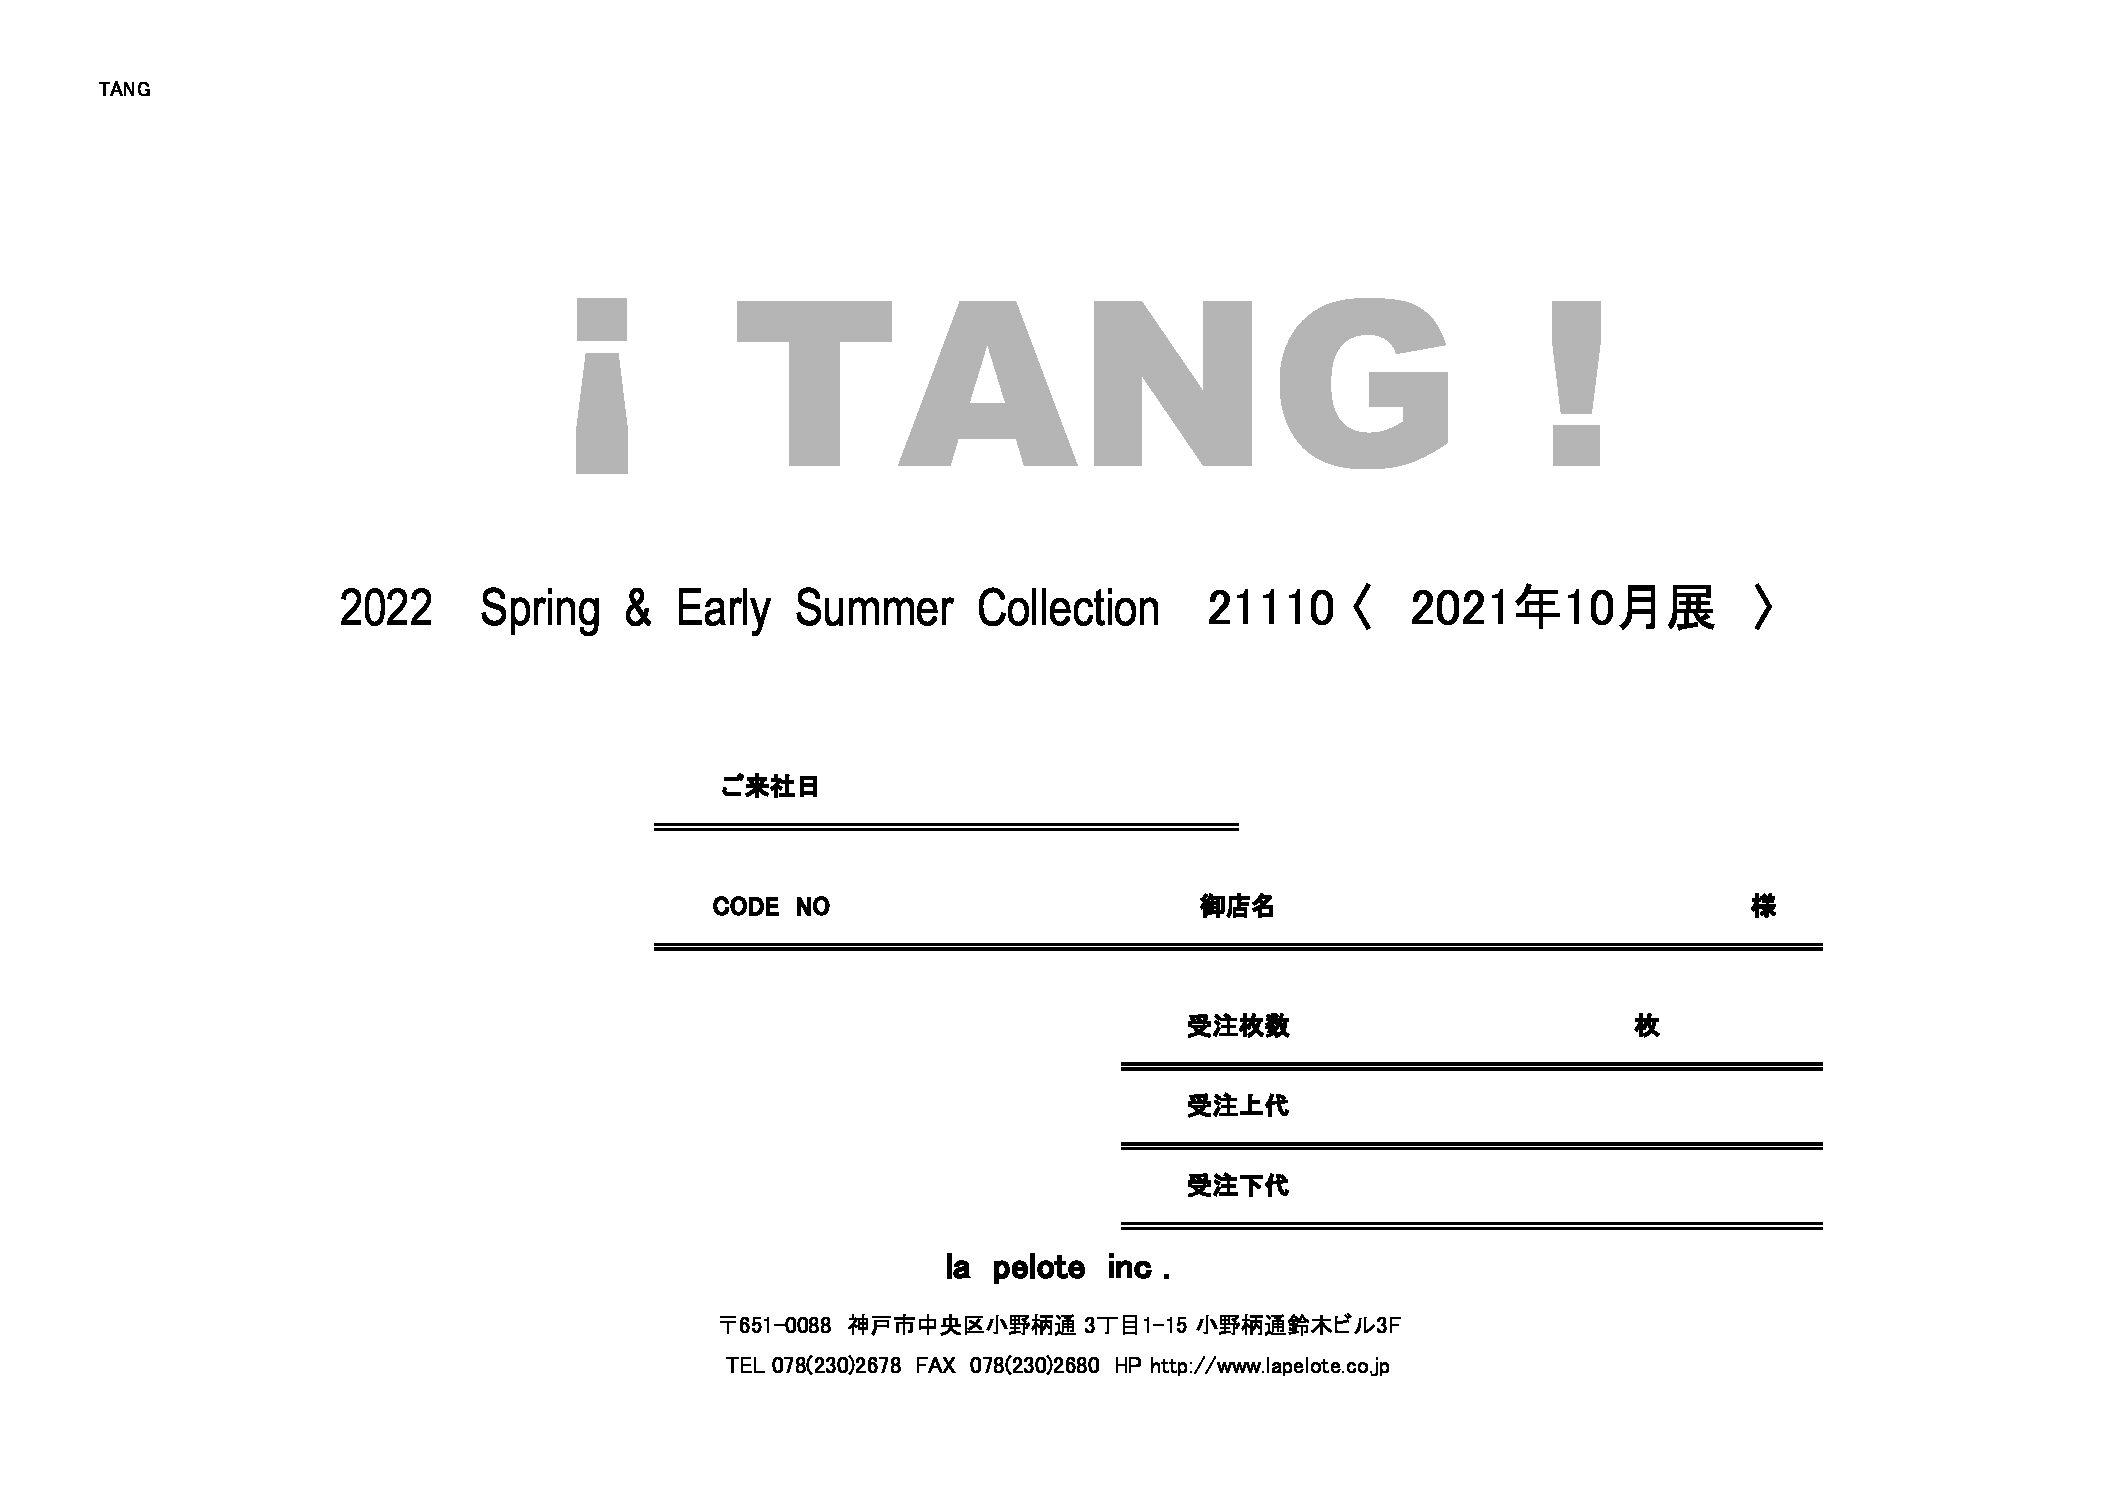 '22 S/S Ⅰ 2021年10月展 ページを更新しました。